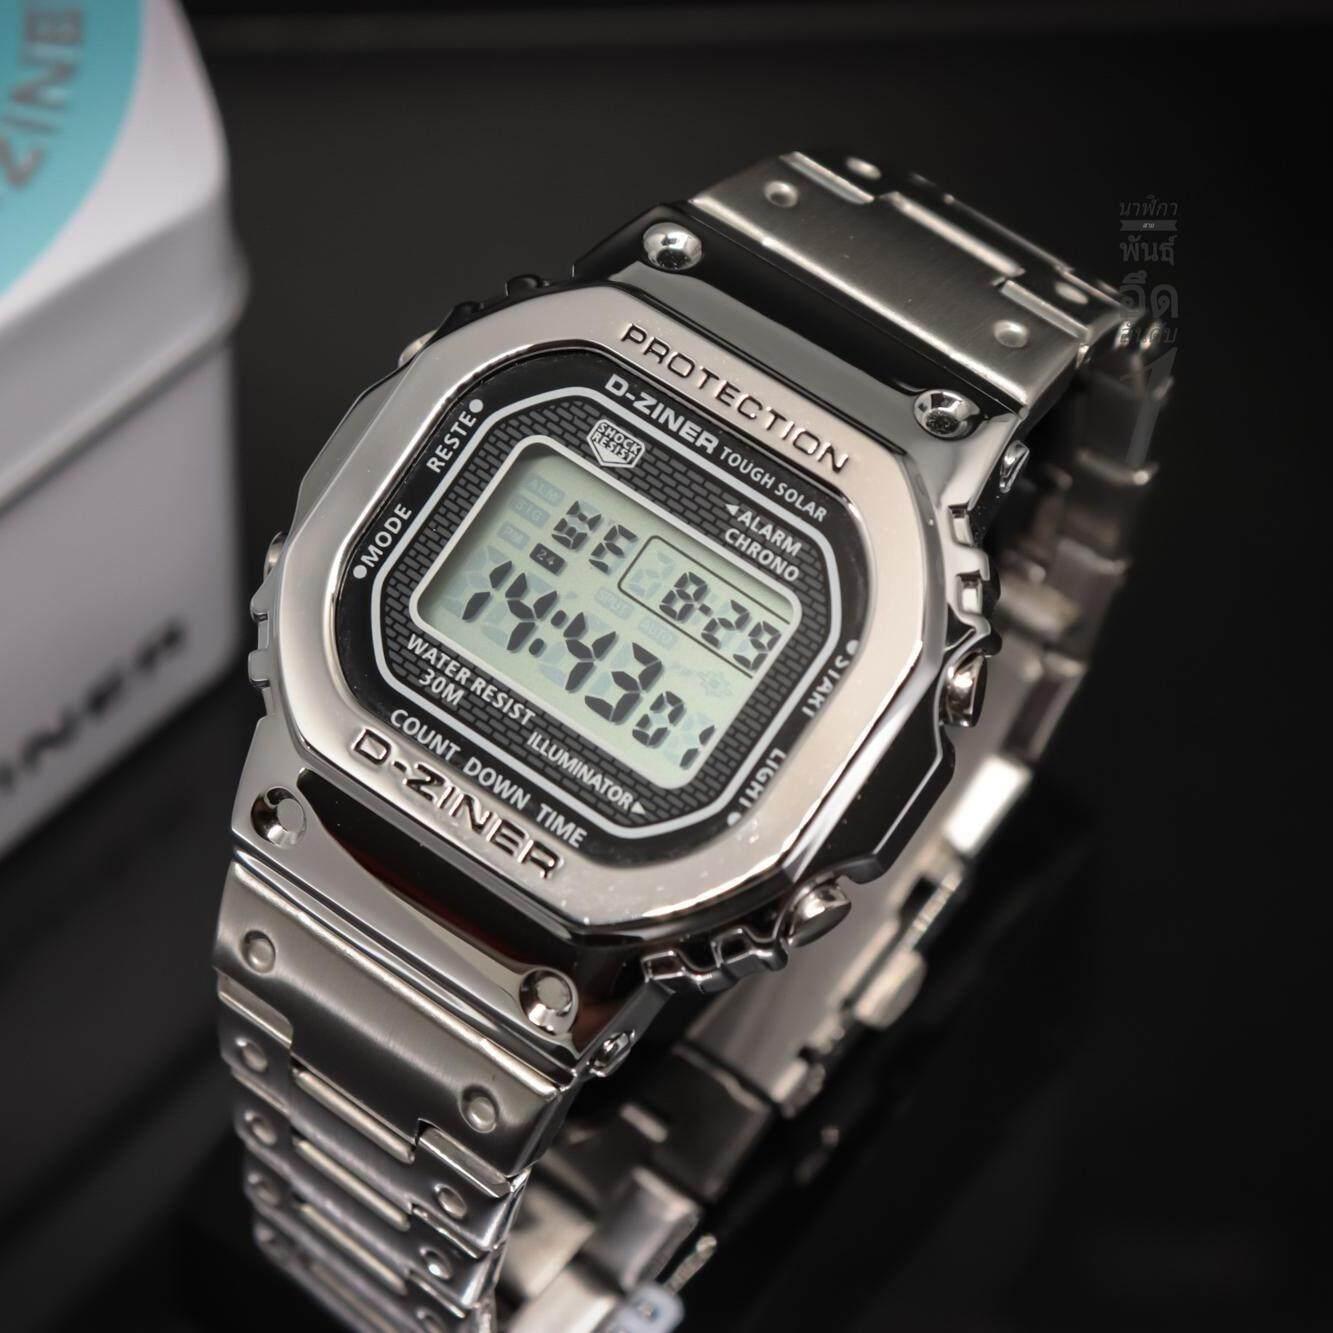 นาฬิกา D Ziner รุ่นใหม่ล่าสุด สไตล์ G Shock สุดฮิต ที่กำลังนิยมในขณะนี้ ( สีเงิน) สินค้าของแท้ 100%.